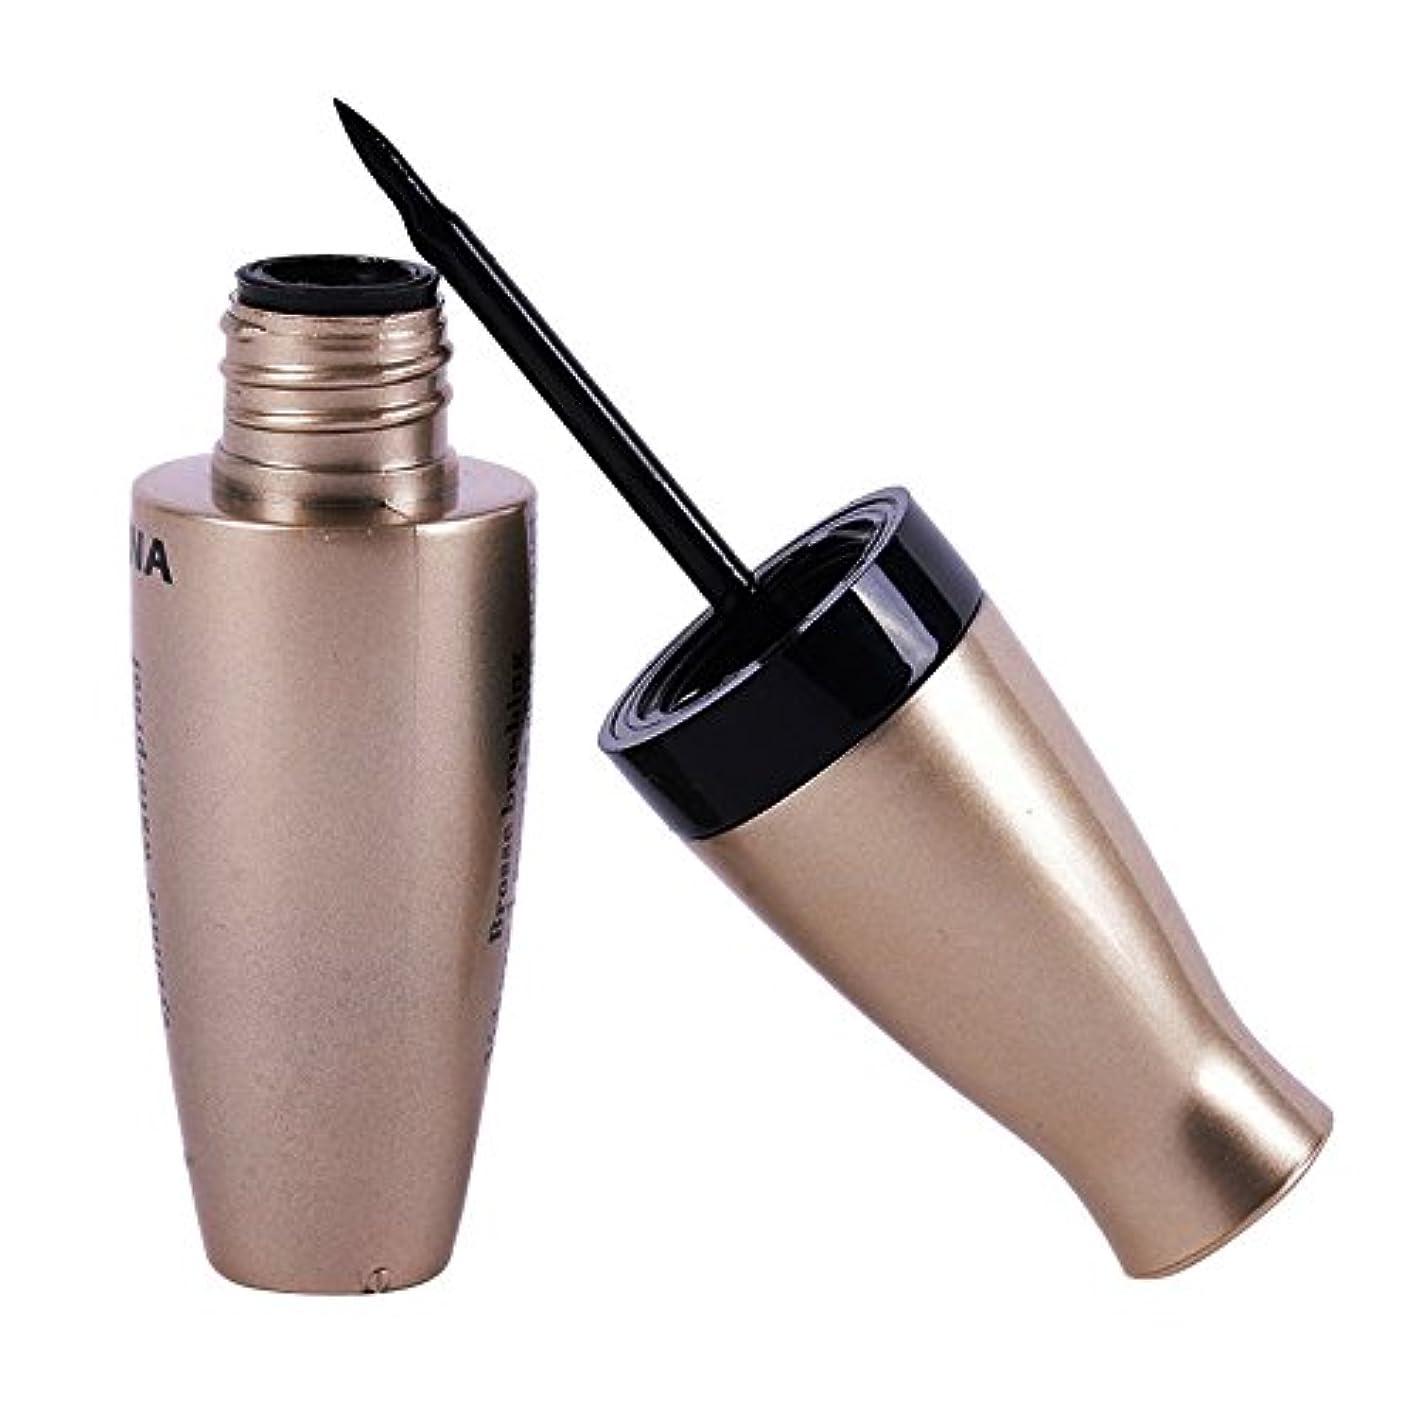 天窓まもなくお気に入り新しいアイライナー防水リキッドアイライナーペンシルペンメイクアップ美容化粧品